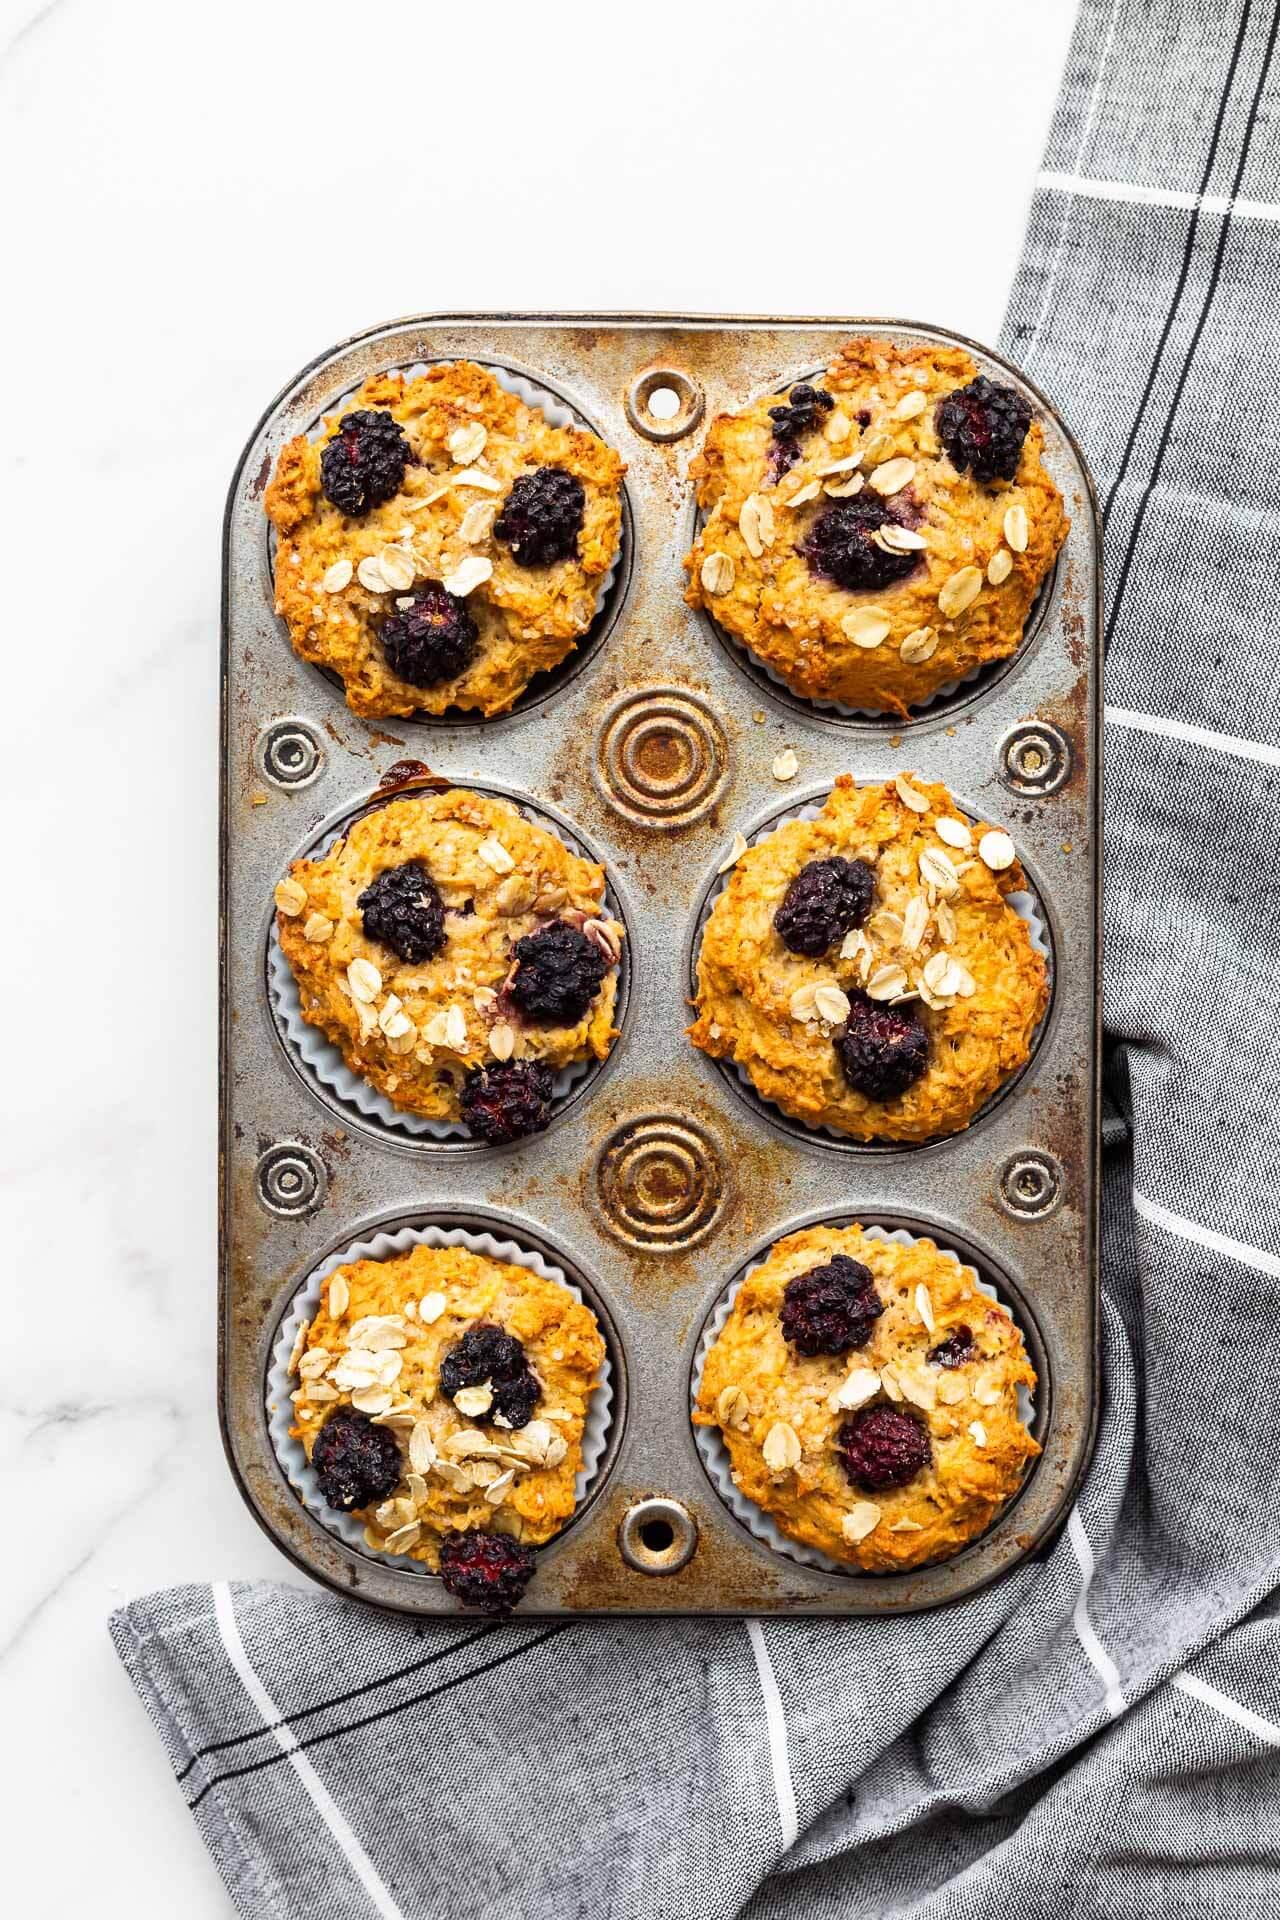 Freshly baked blackberry oat muffins